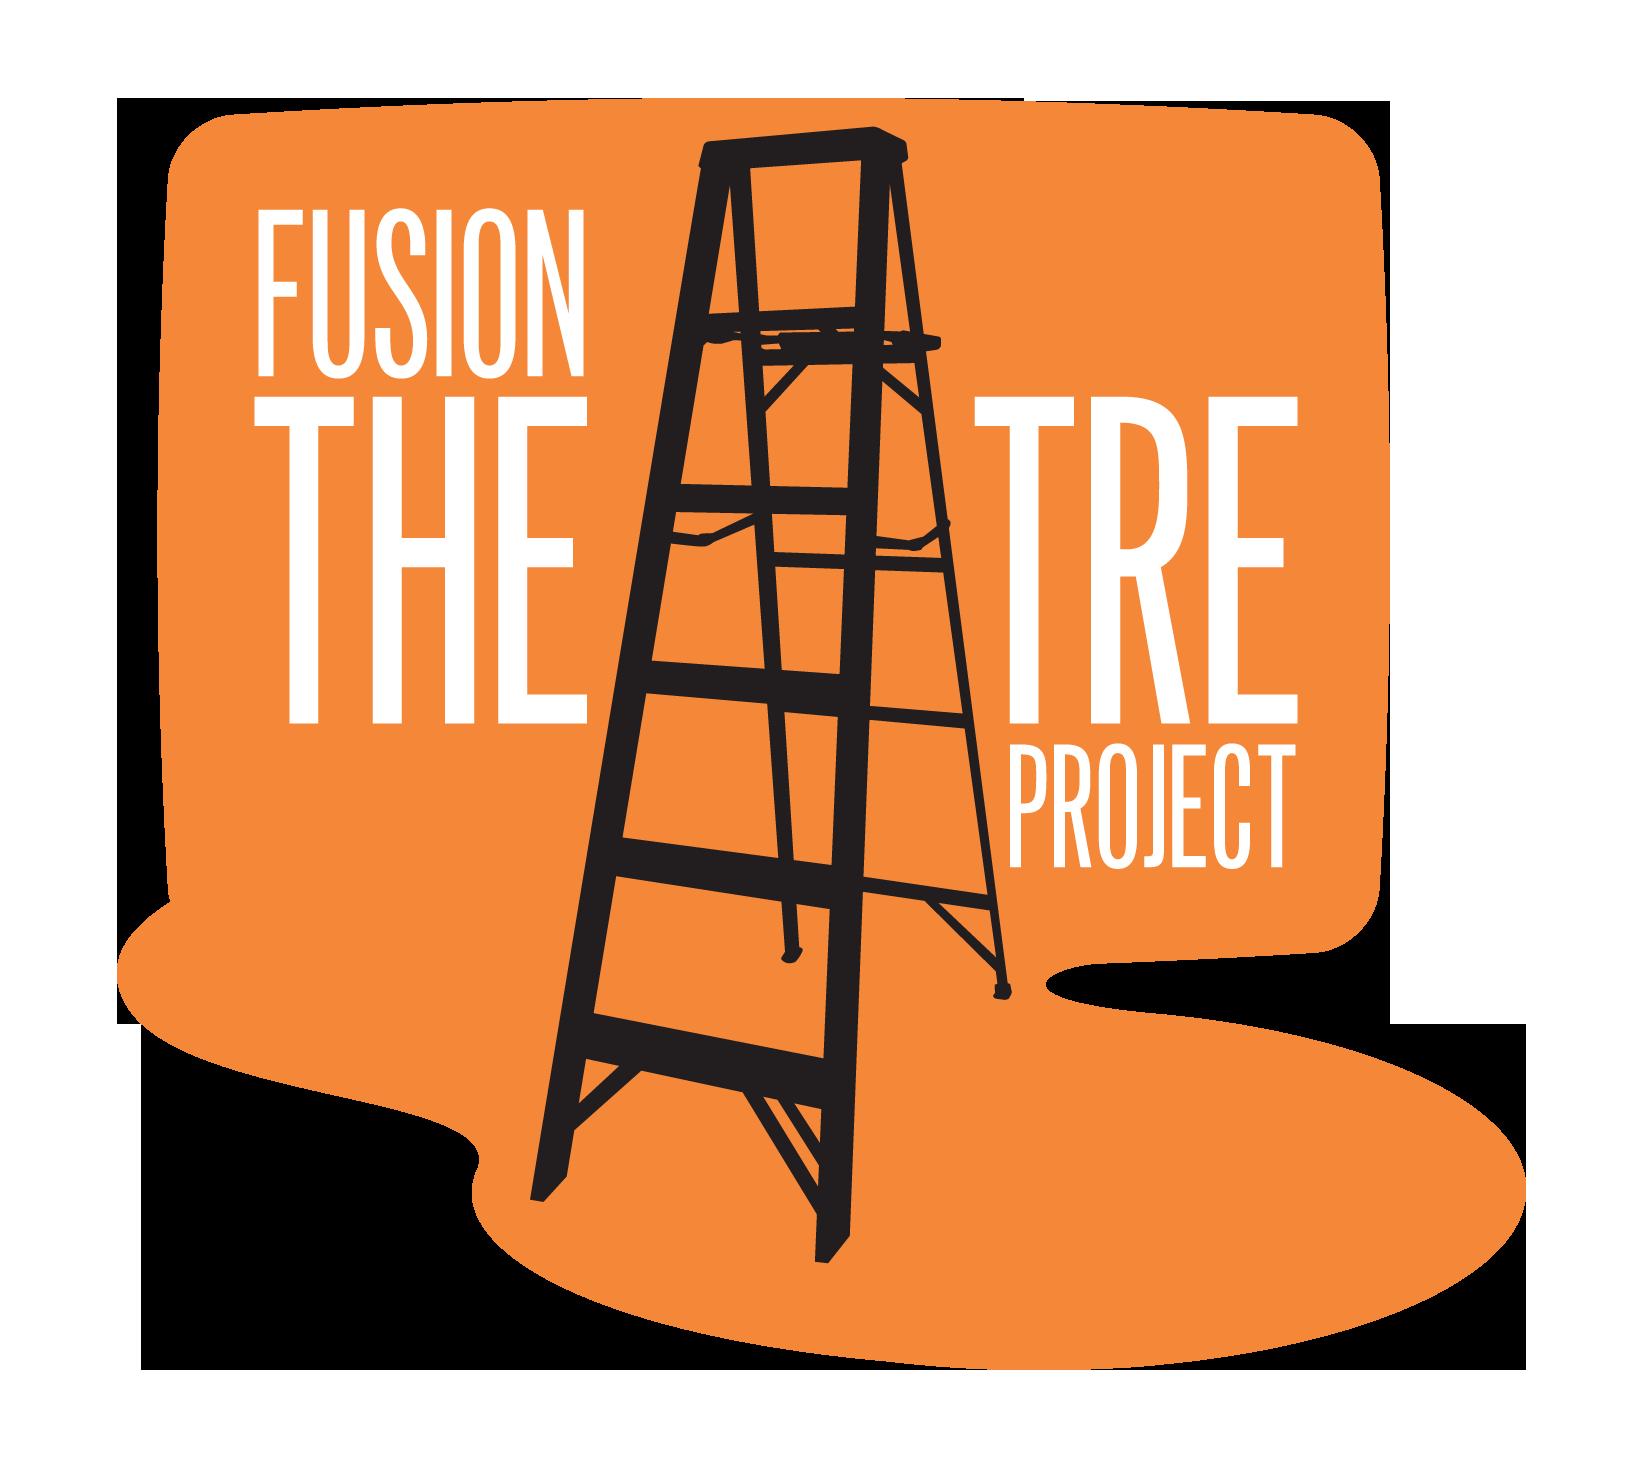 Fusion Theatre Project logo